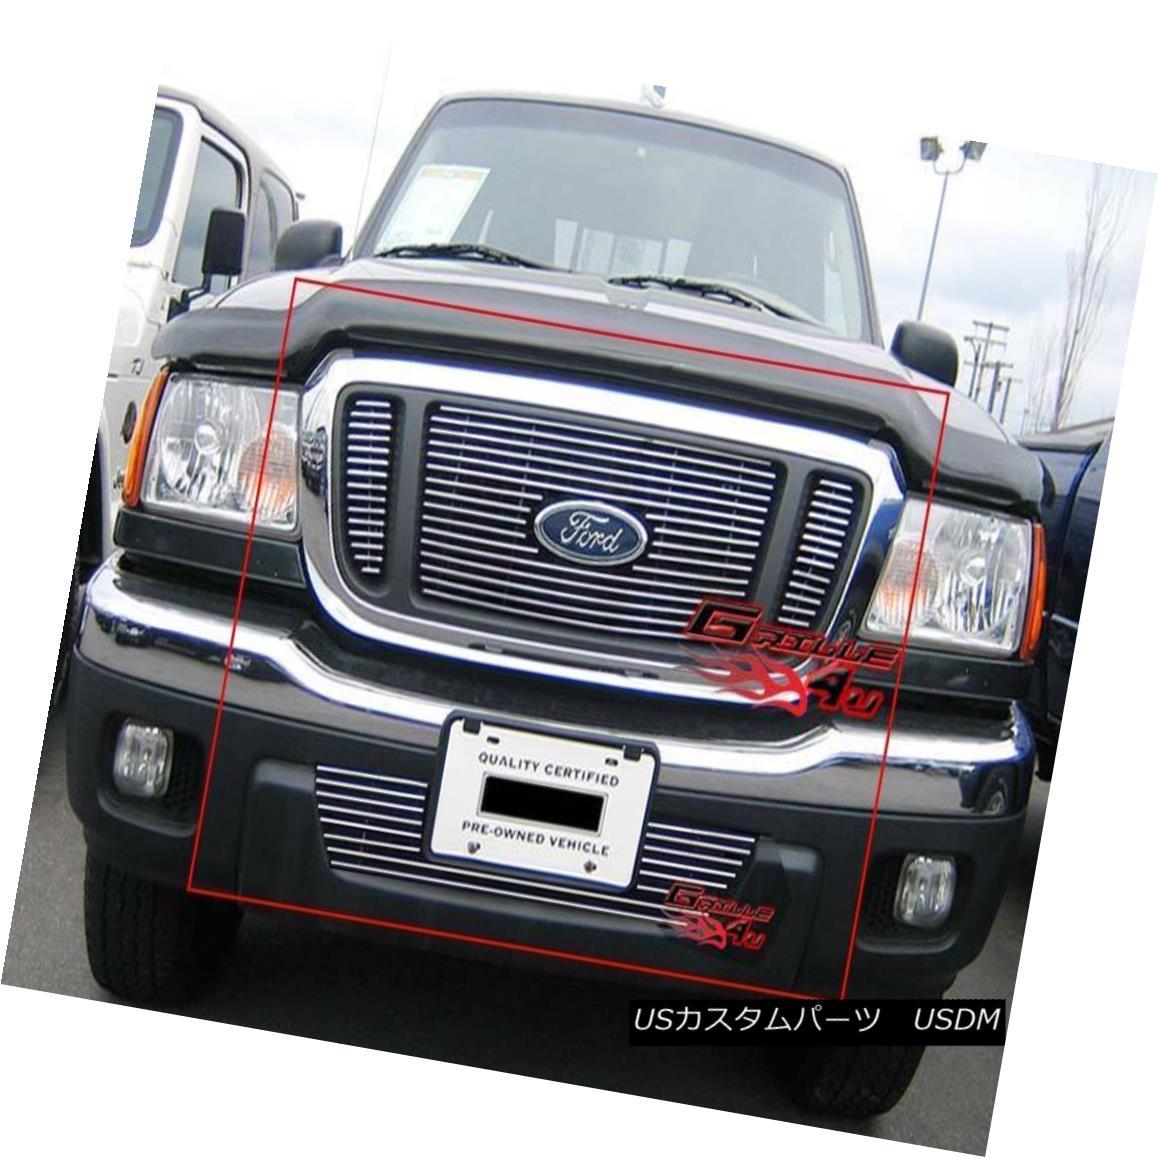 グリル For 04-05 Ford Ranger FX4 4WD Billet Grille Combo Insert 04-05フォードレンジャーFX4 4WDビレットグリルコンボインサート